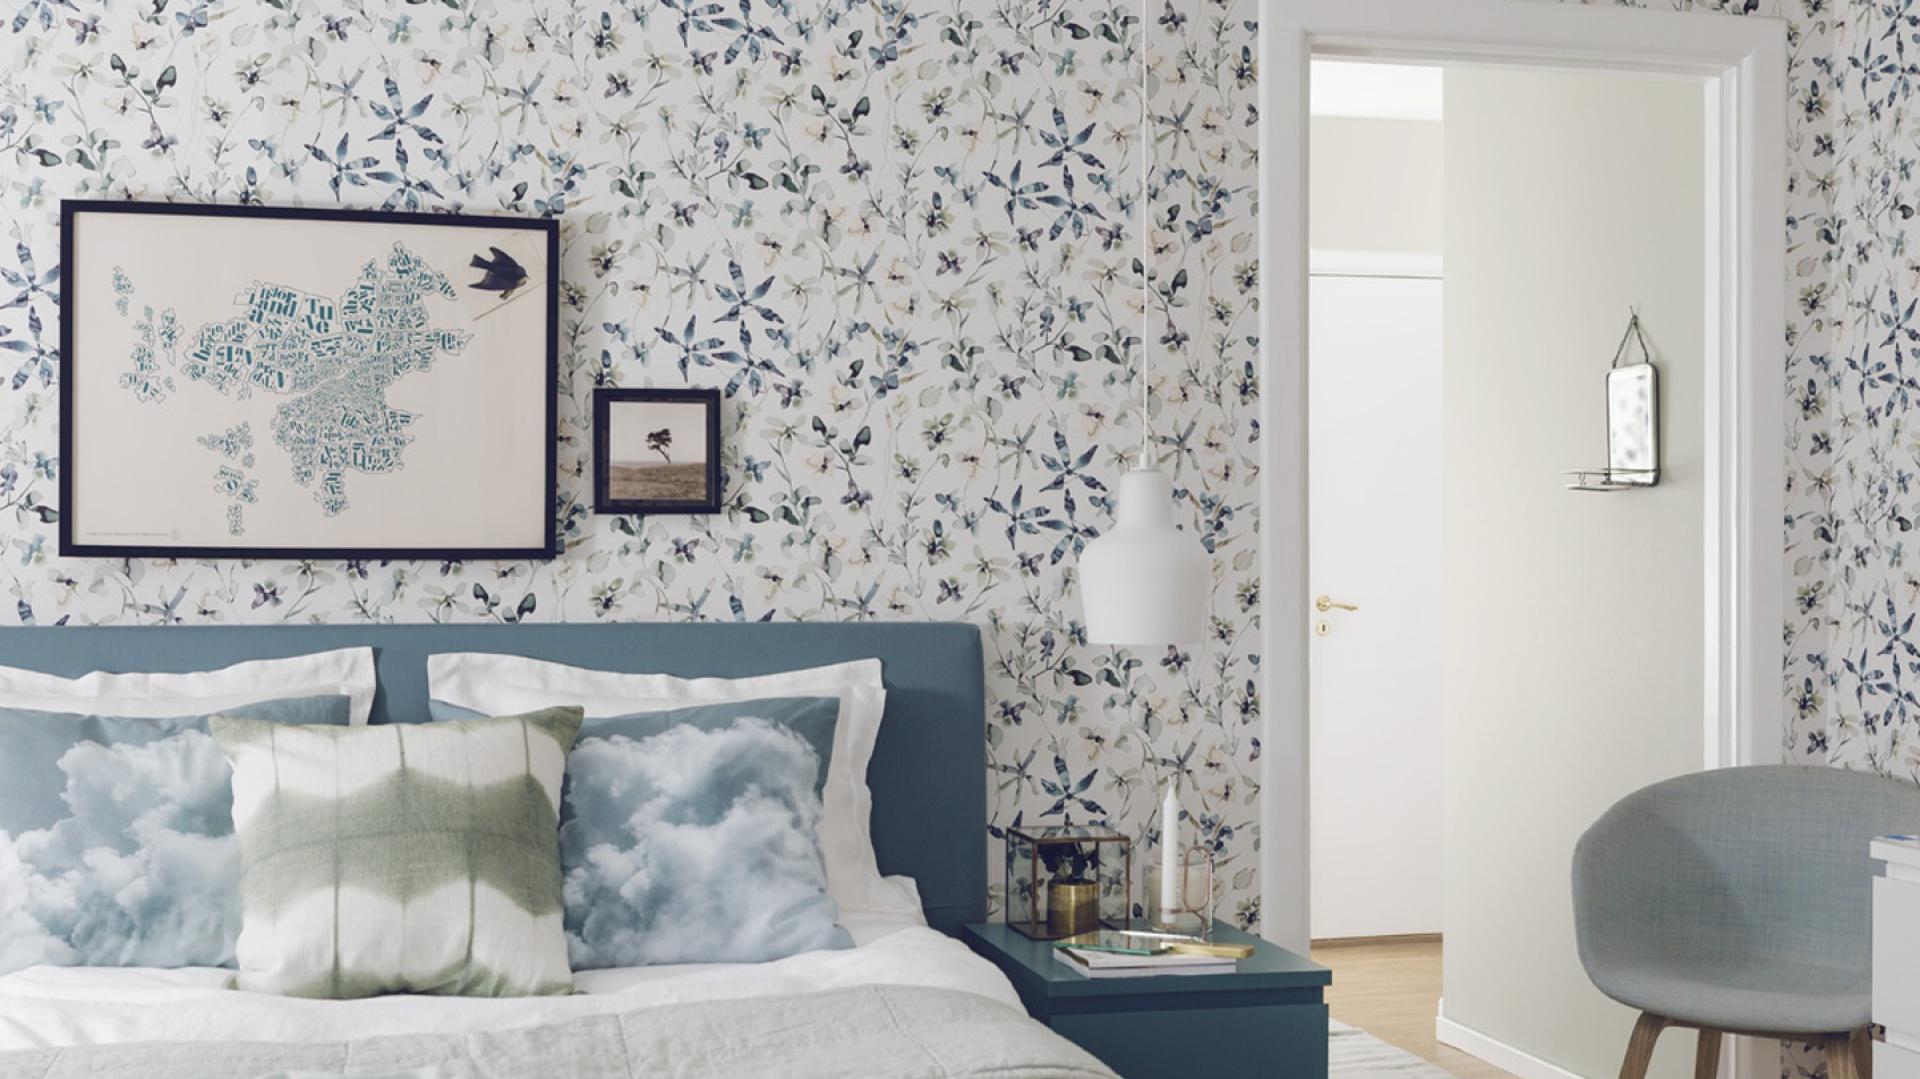 Kwiaty W Sypialni Pomysł Na Ciekawą Dekorację ściany